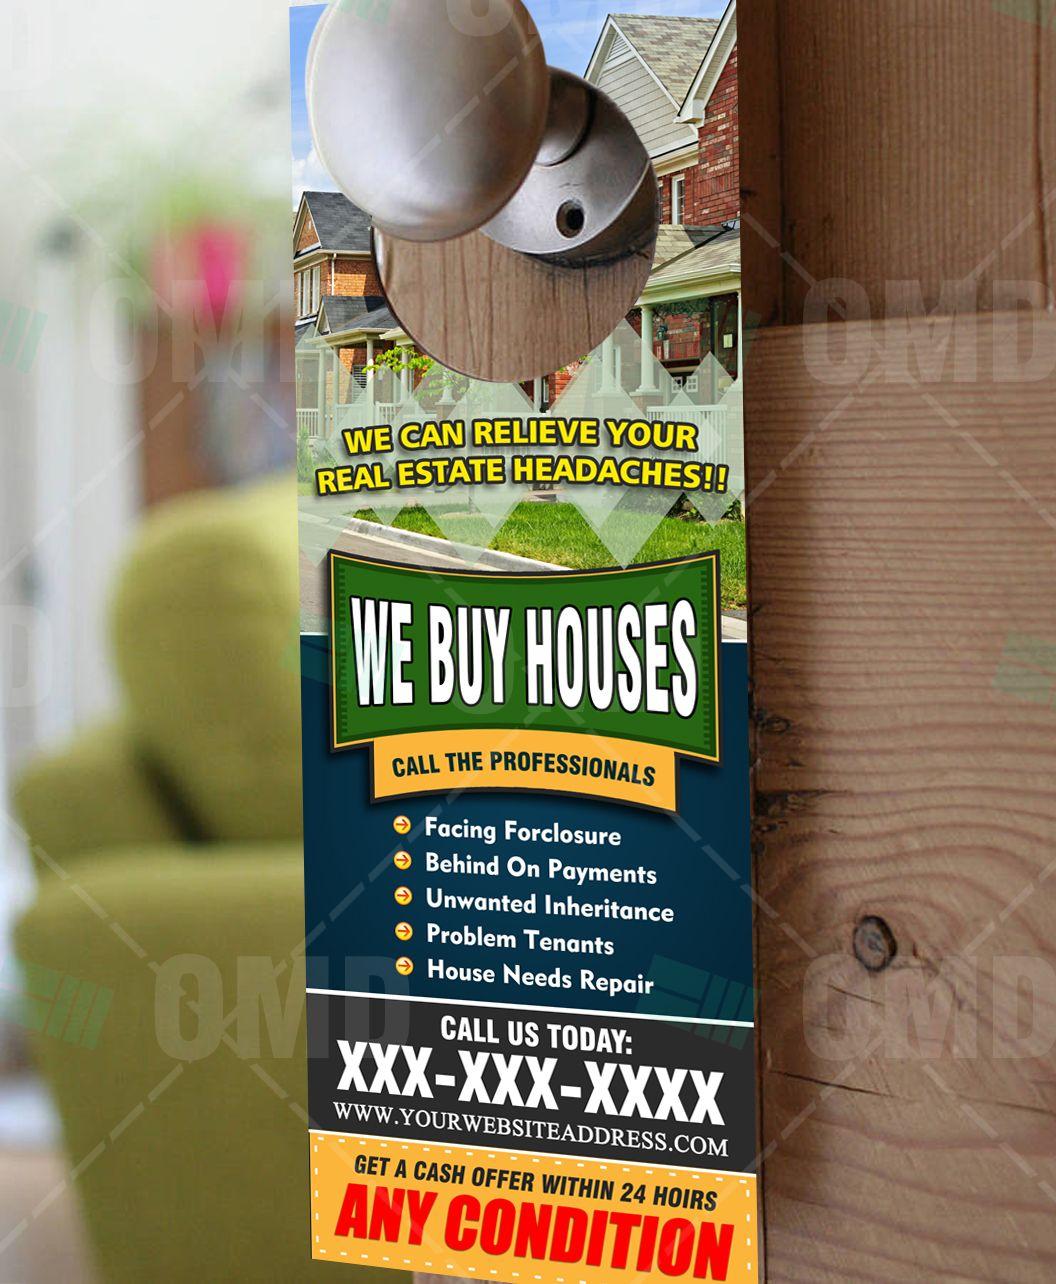 We Buy Houses Door Hanger 4 We Buy Houses Home Buying Real Estate Marketing Design